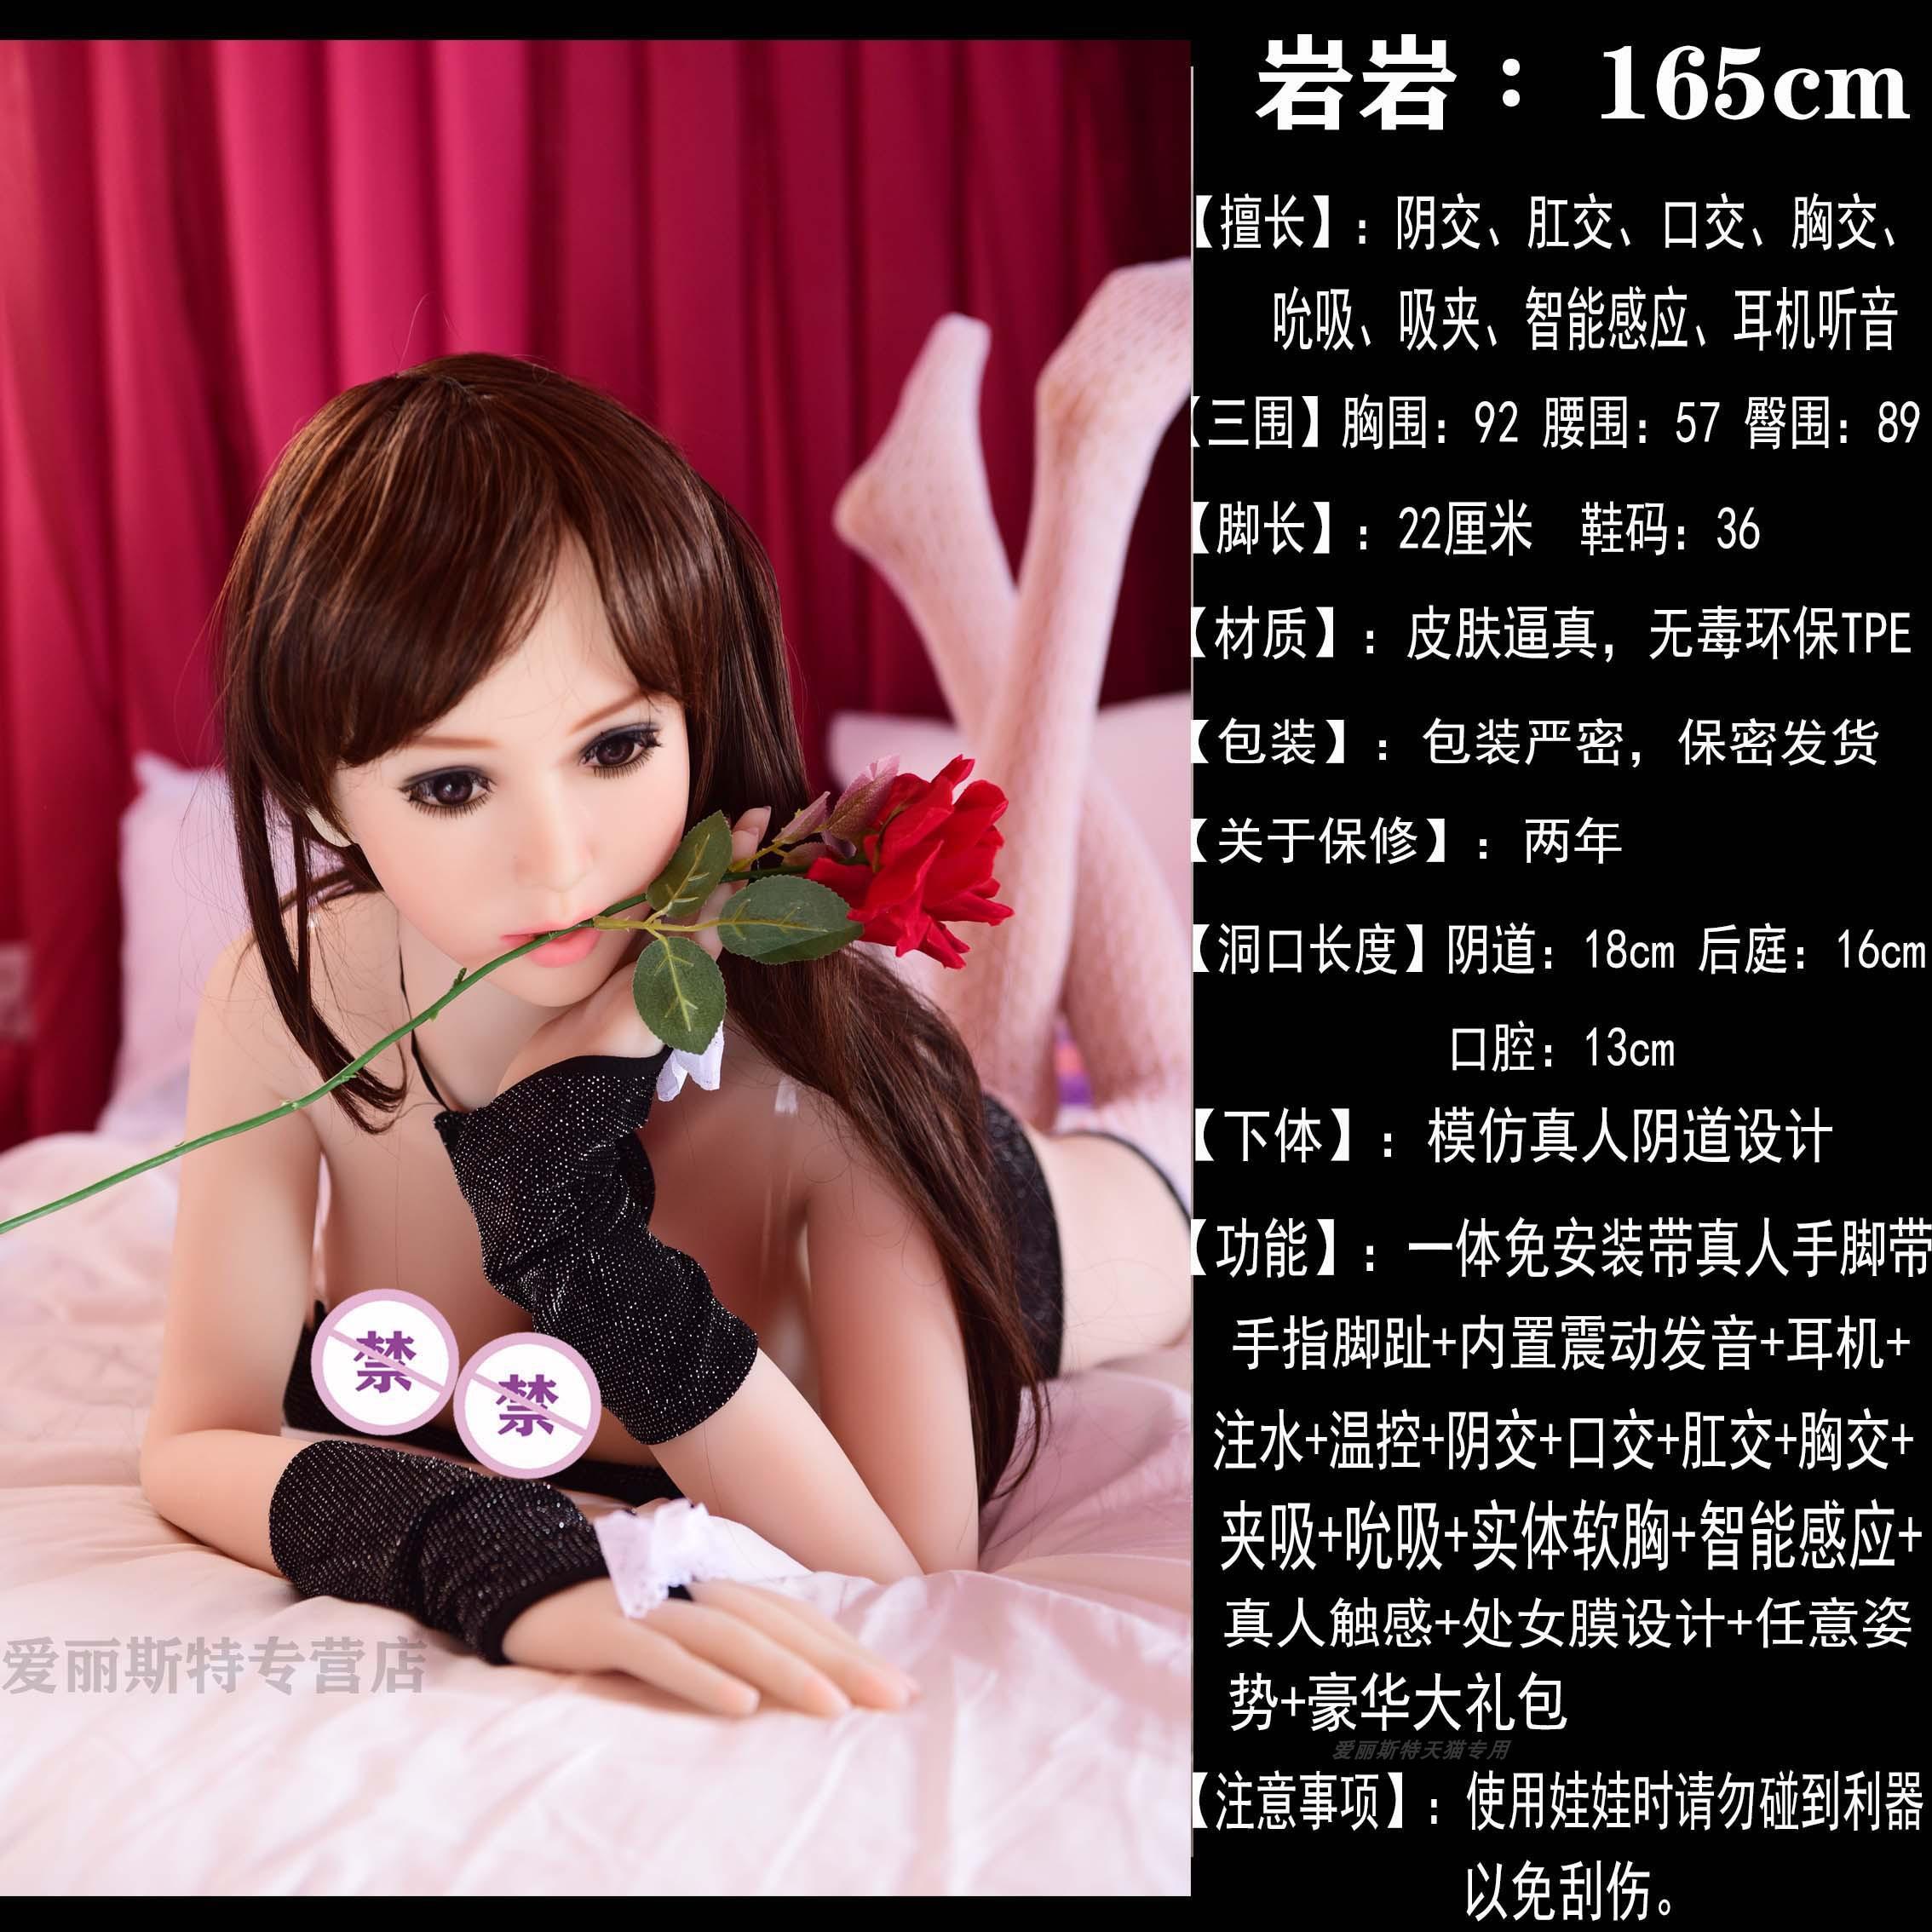 Muñeca inflable de acción en vivo atractivo para hombre de silicón de la cinta del pelo adulto Suministros Juguetes Sexuales Mujer Semi-Entidad AI